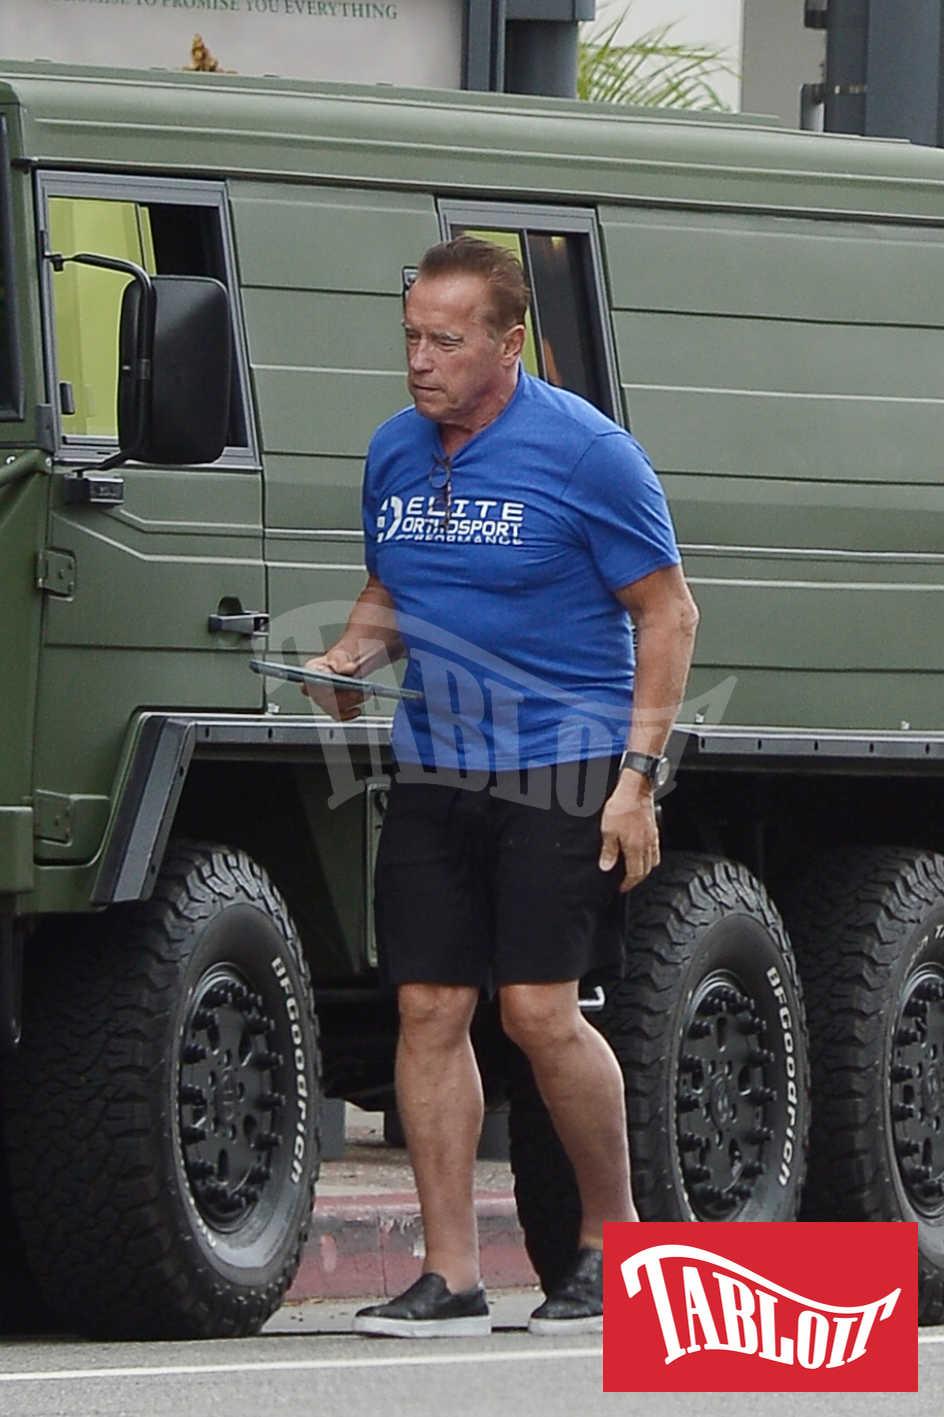 Il nuovo camion militare a 6 ruote di Arnold Schwarzenegger